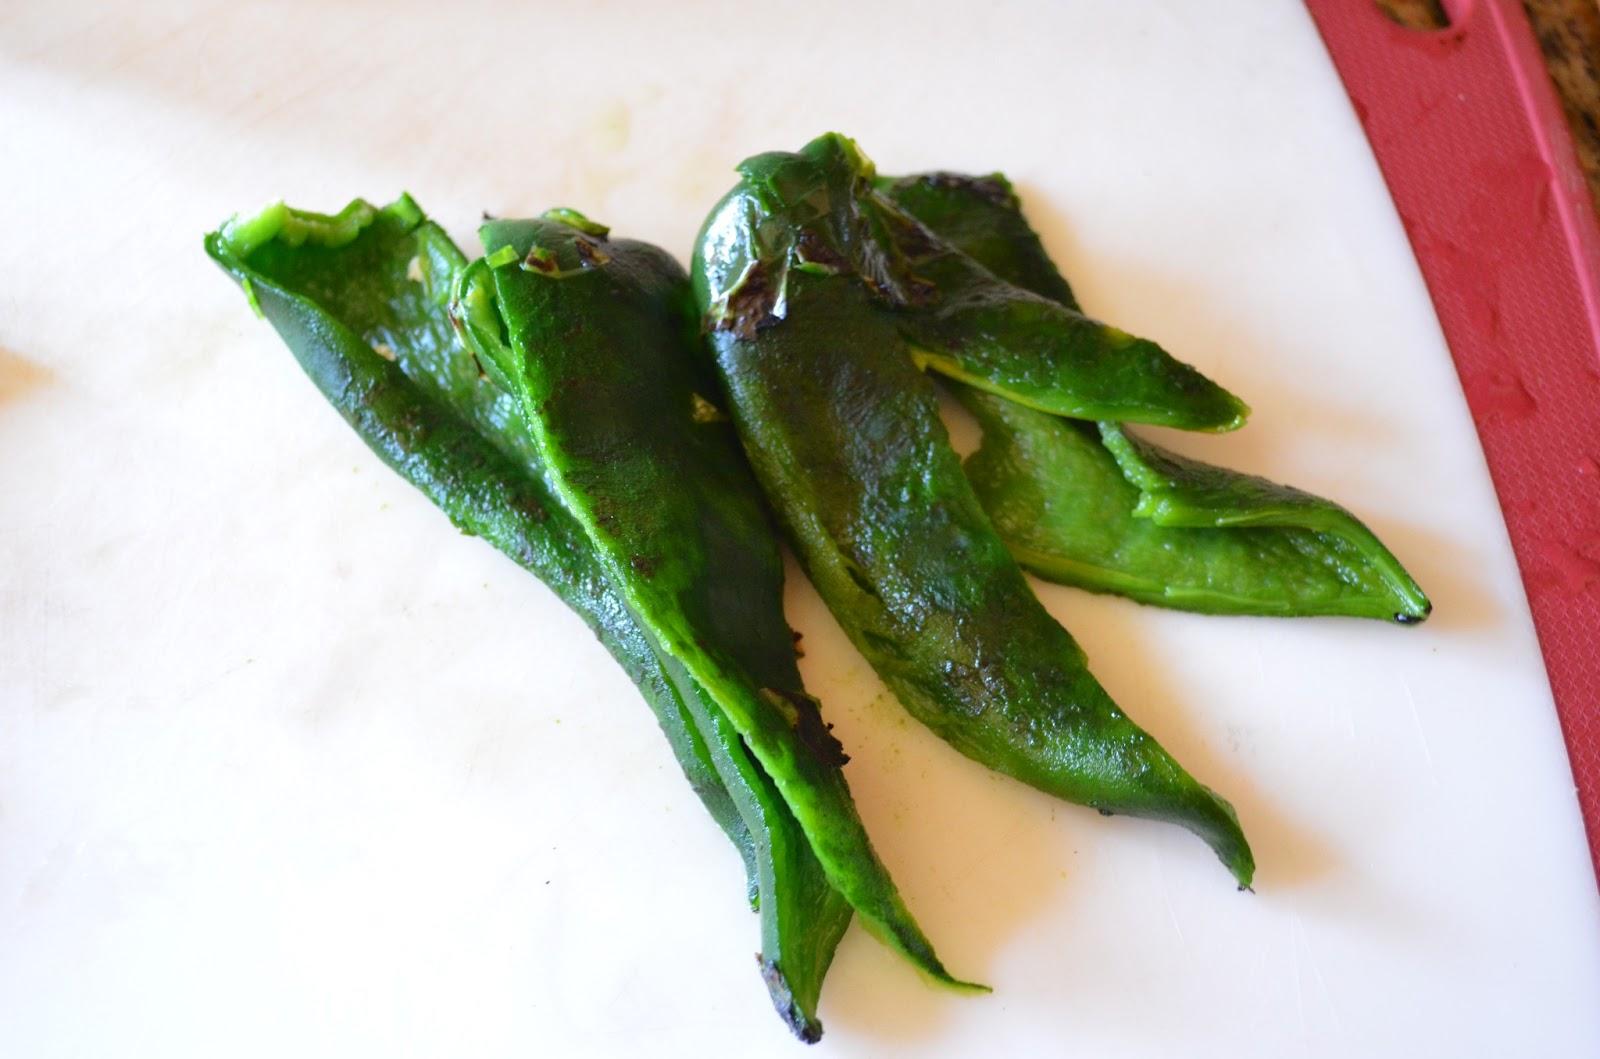 Chicken-Chili-Verde-With-Avocado-Dice-Poblano-Chili.jpg